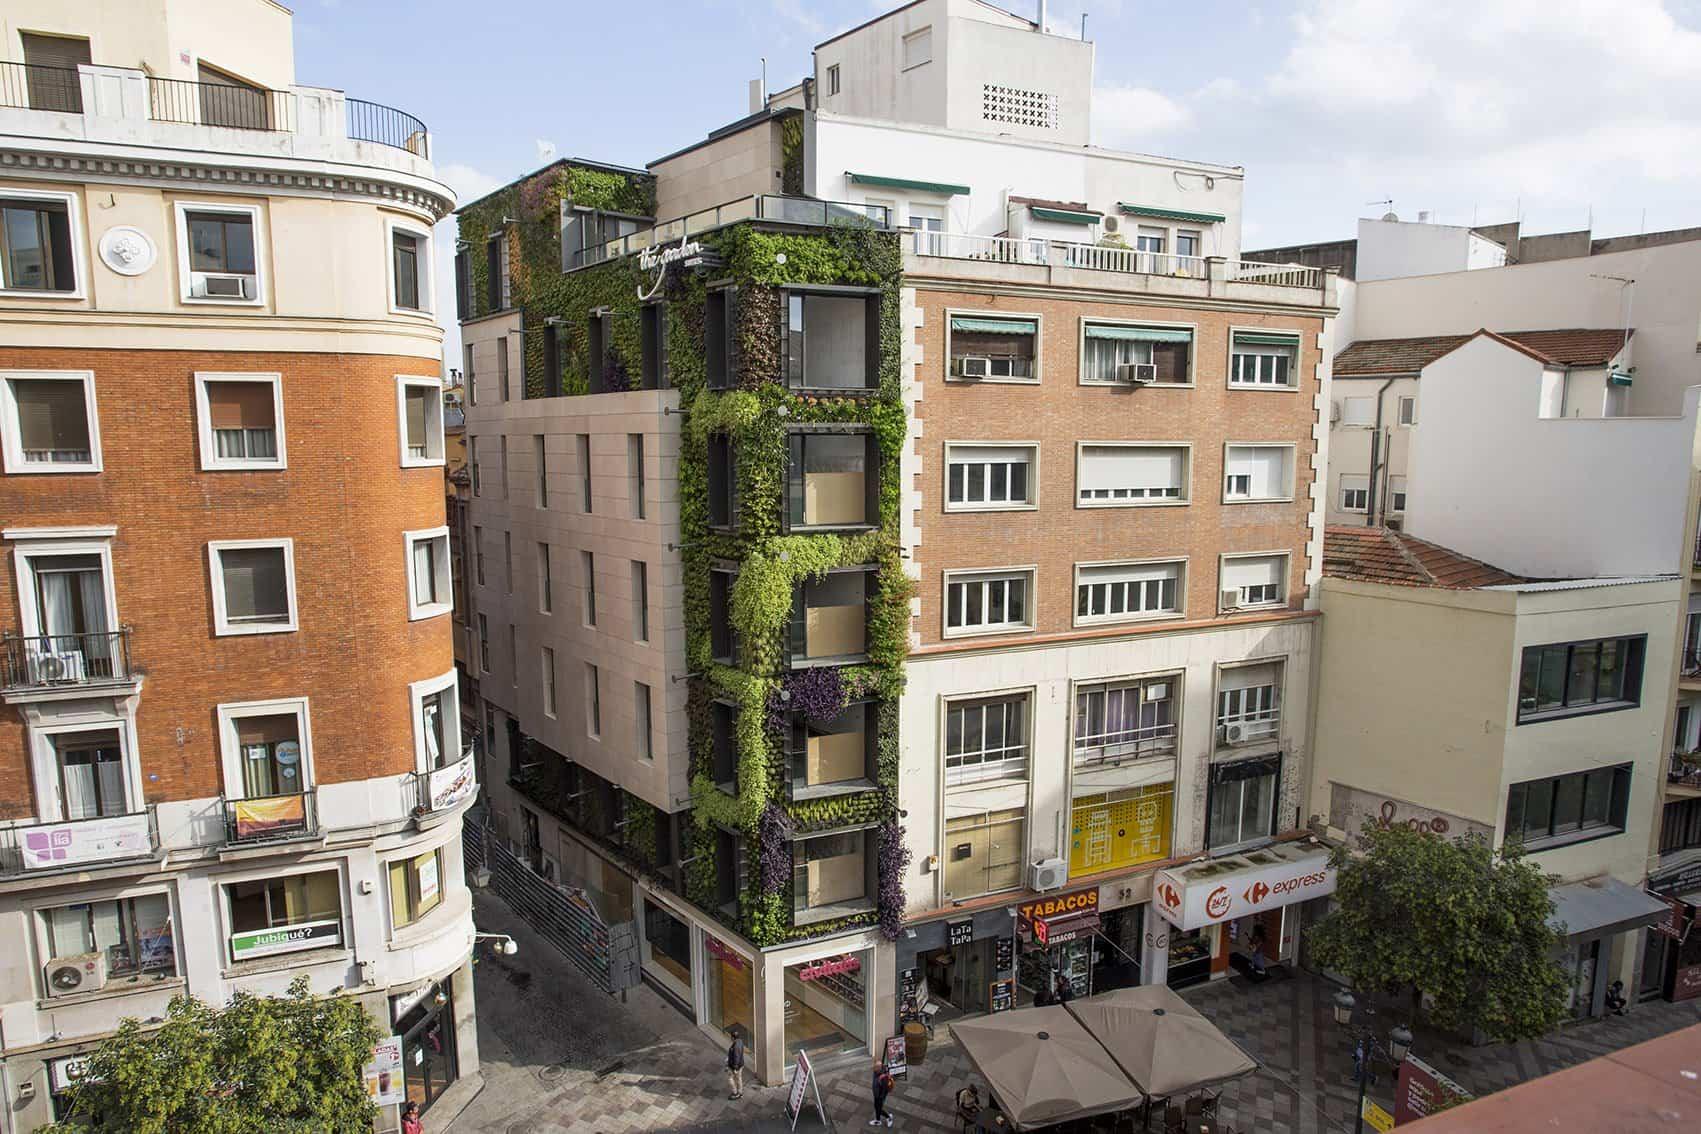 jardin vertical montera madrid 2